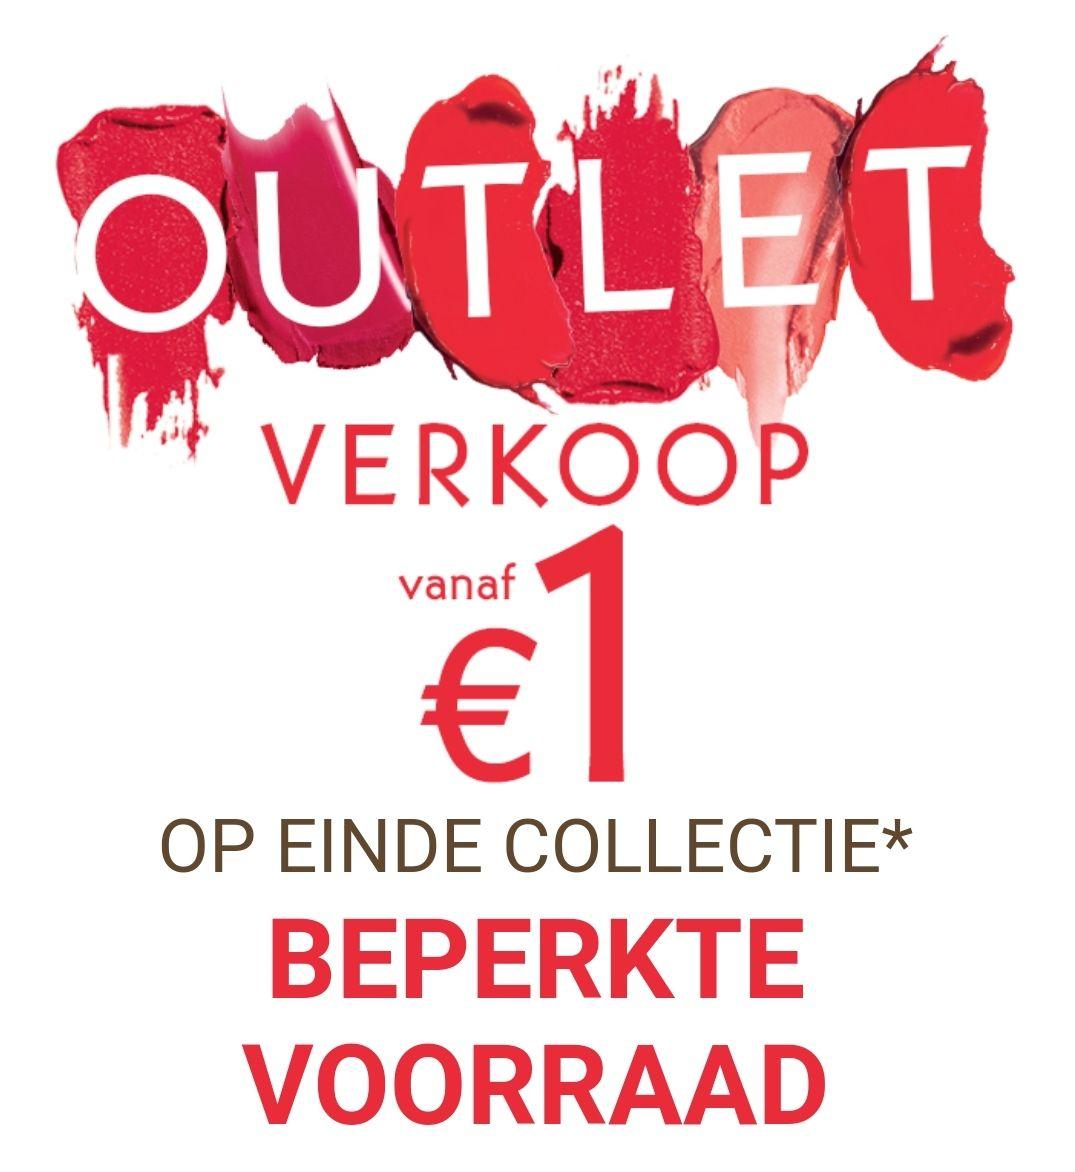 Outlet verkoop Yves Rocher. Vanaf €1 + een cadeau bij elke bestelling